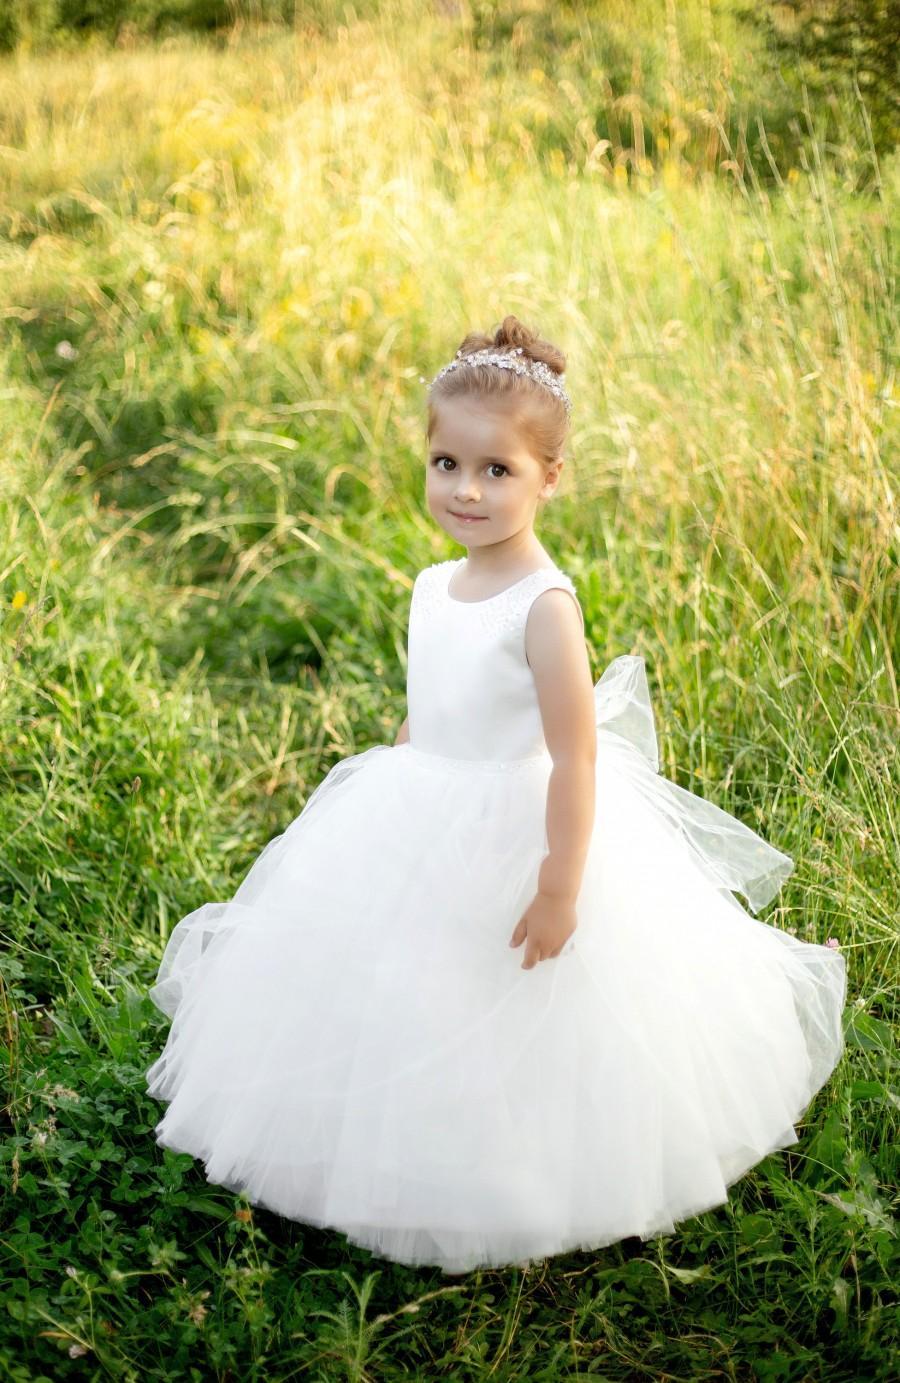 Mariage - Long dress flower girl, flower girl dress, lace flower girl dress, first communion dress, ivory flower girl dress, classic flower girl dress